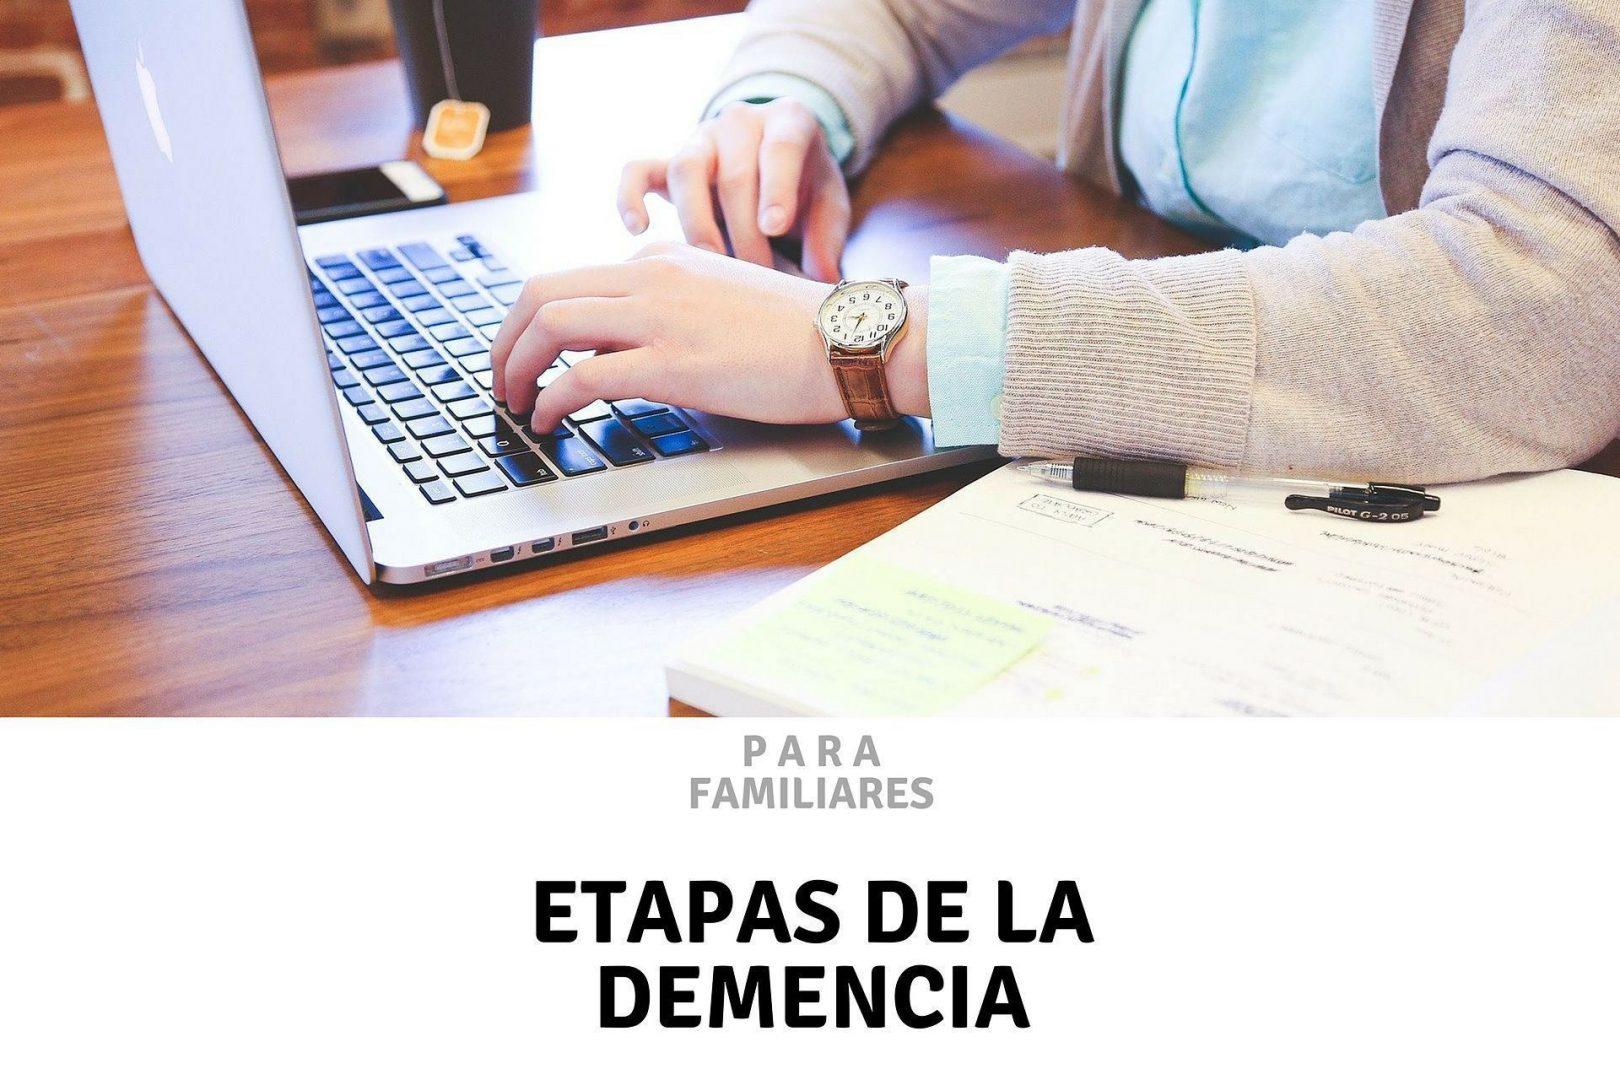 Etapas de la demencia